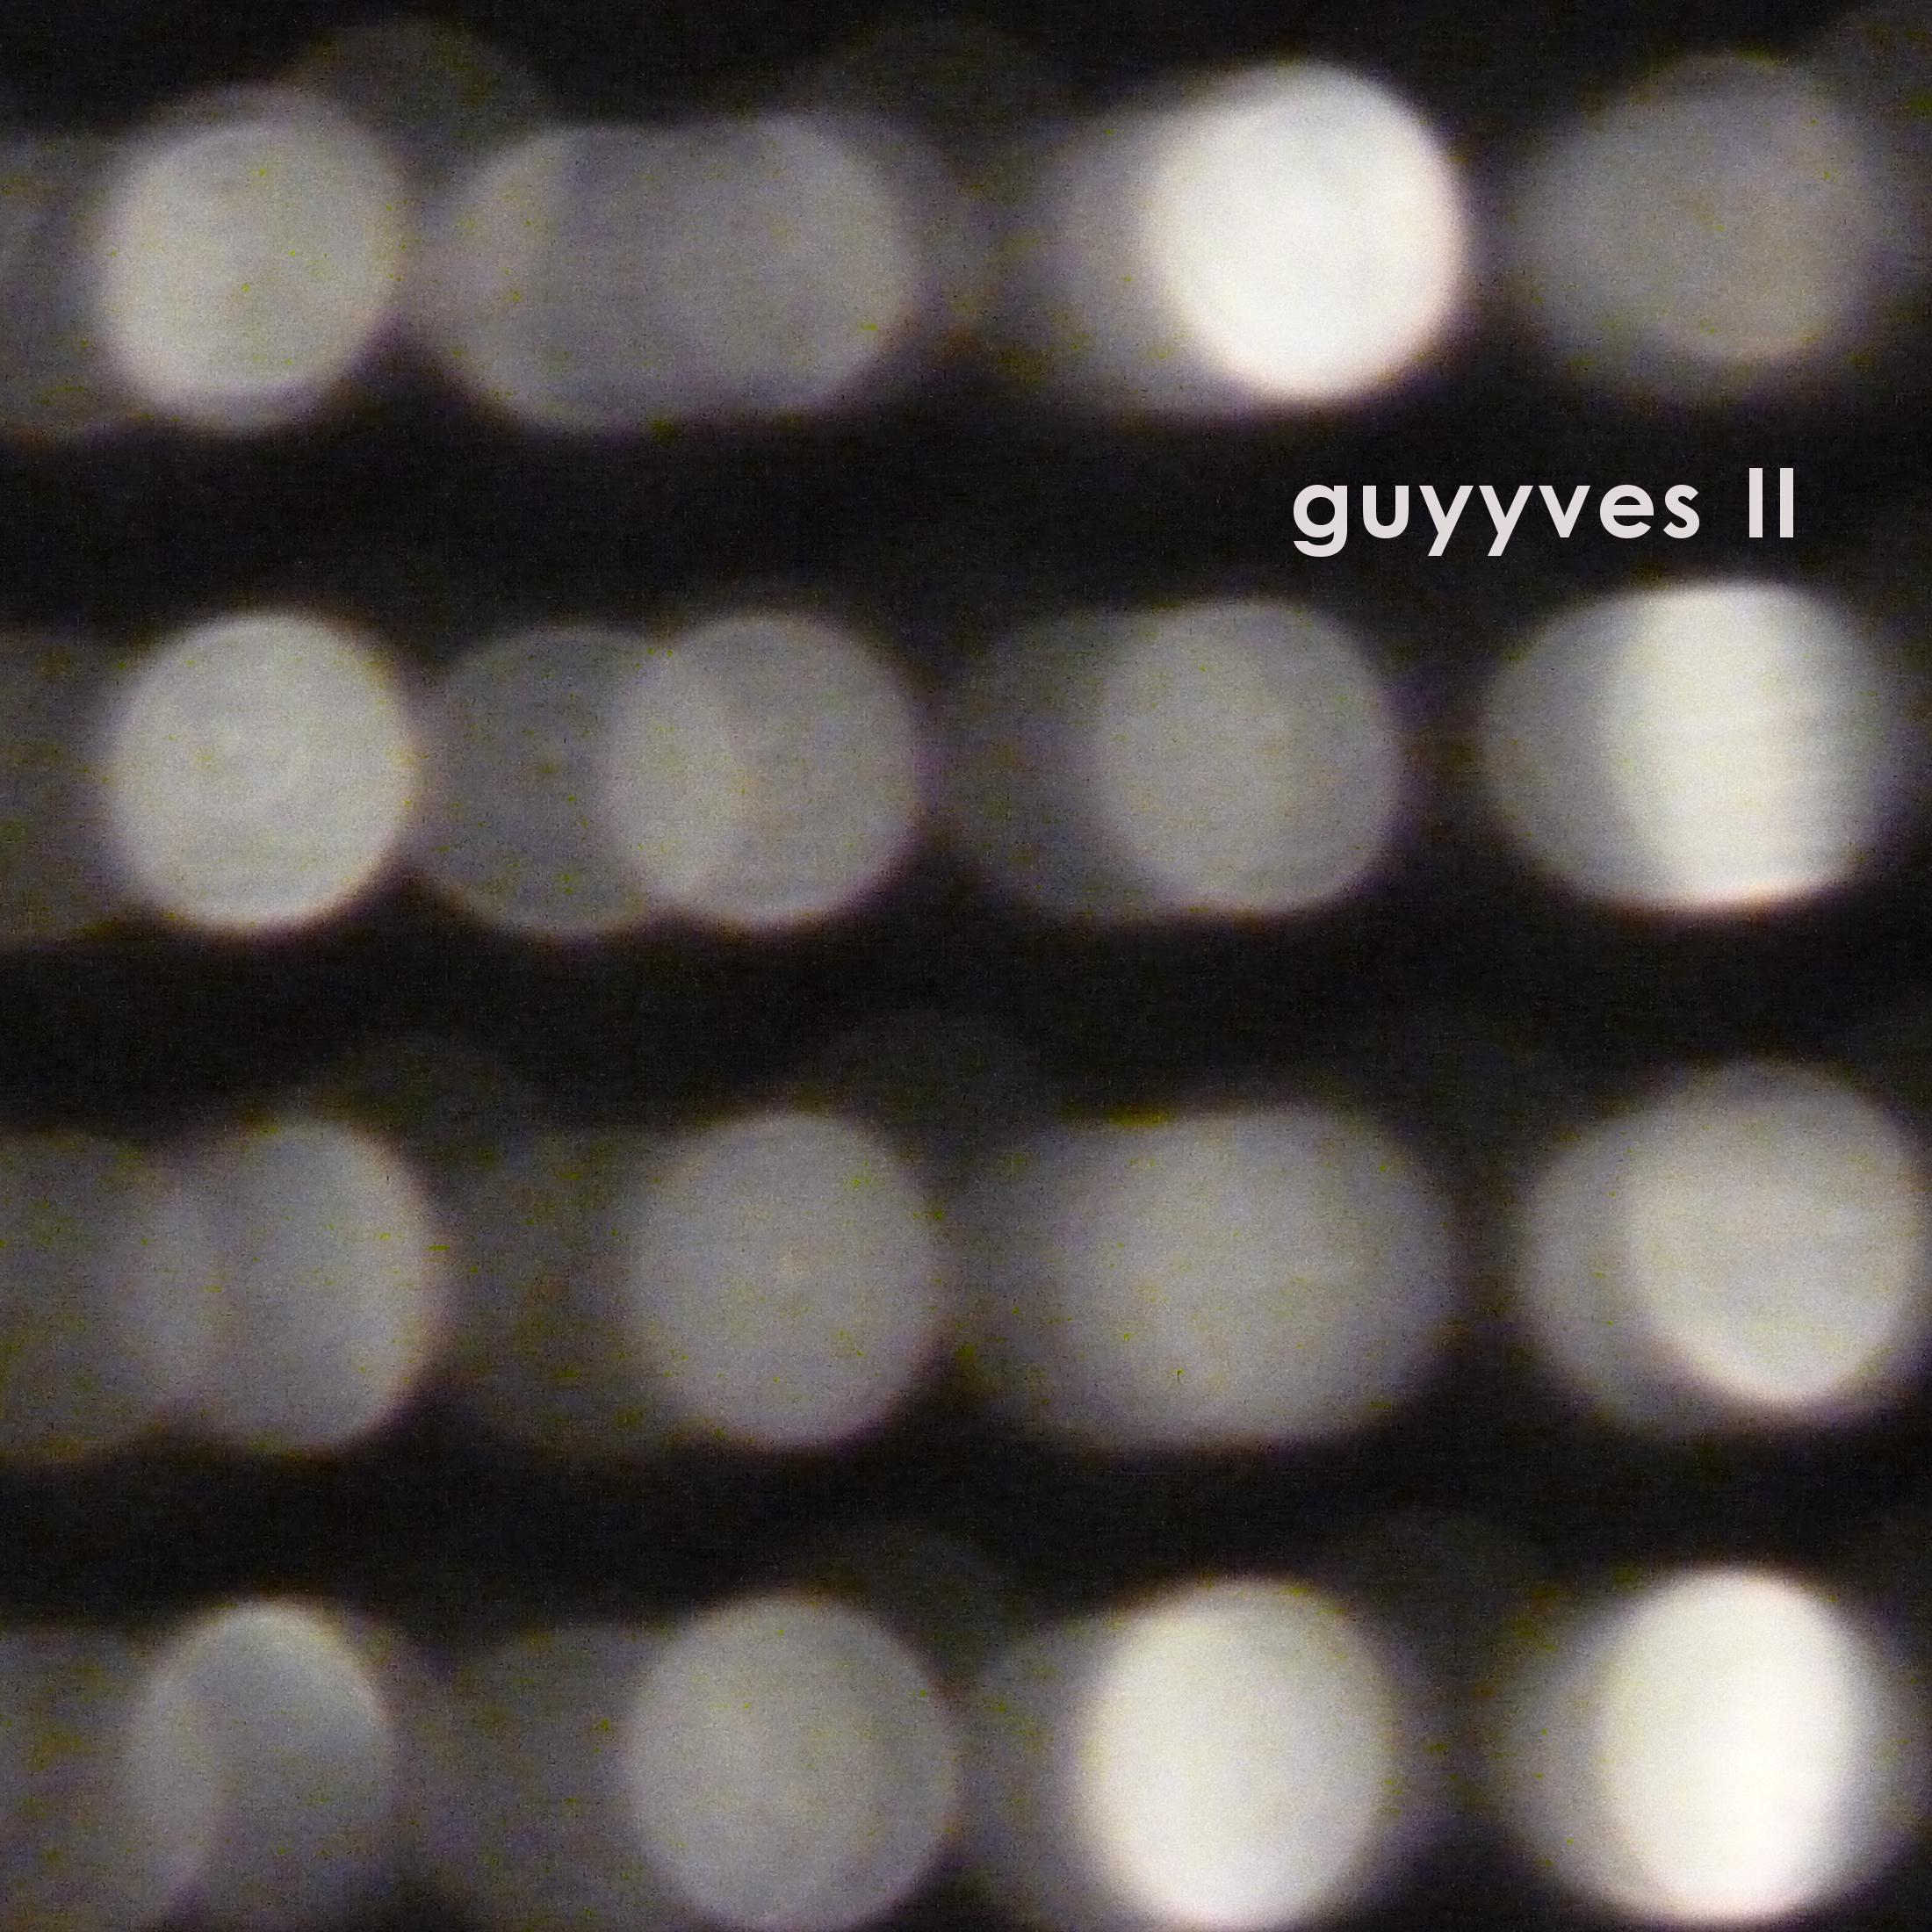 guyyves II